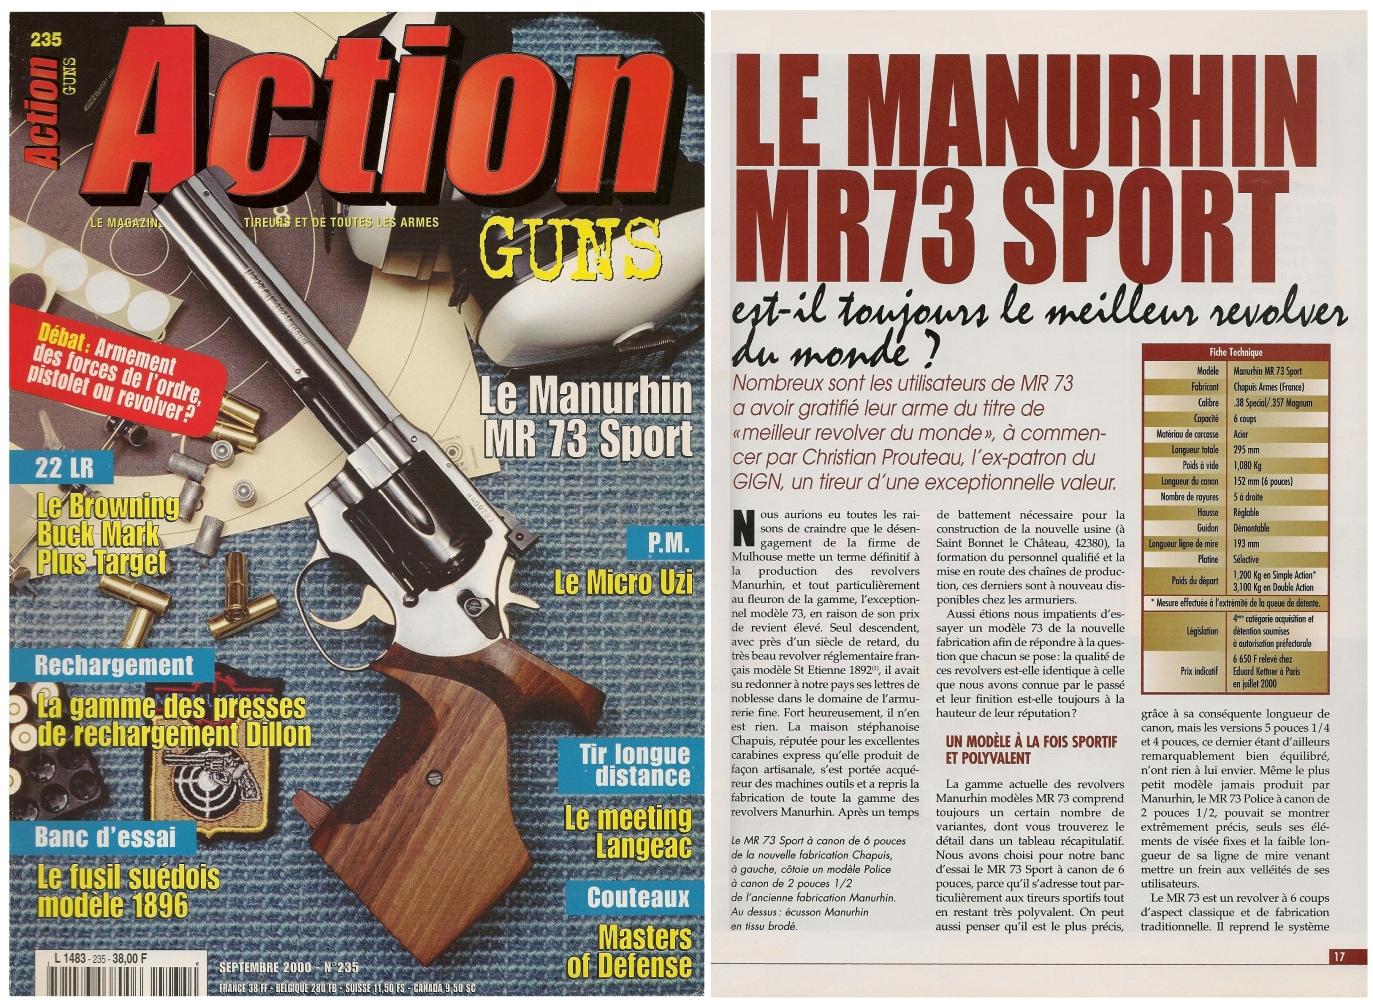 Le banc d'essai du revolver Manurhin MR73 Sport a été publié sur 8 pages dans le magazine Action Guns n° 235 (septembre 2000).